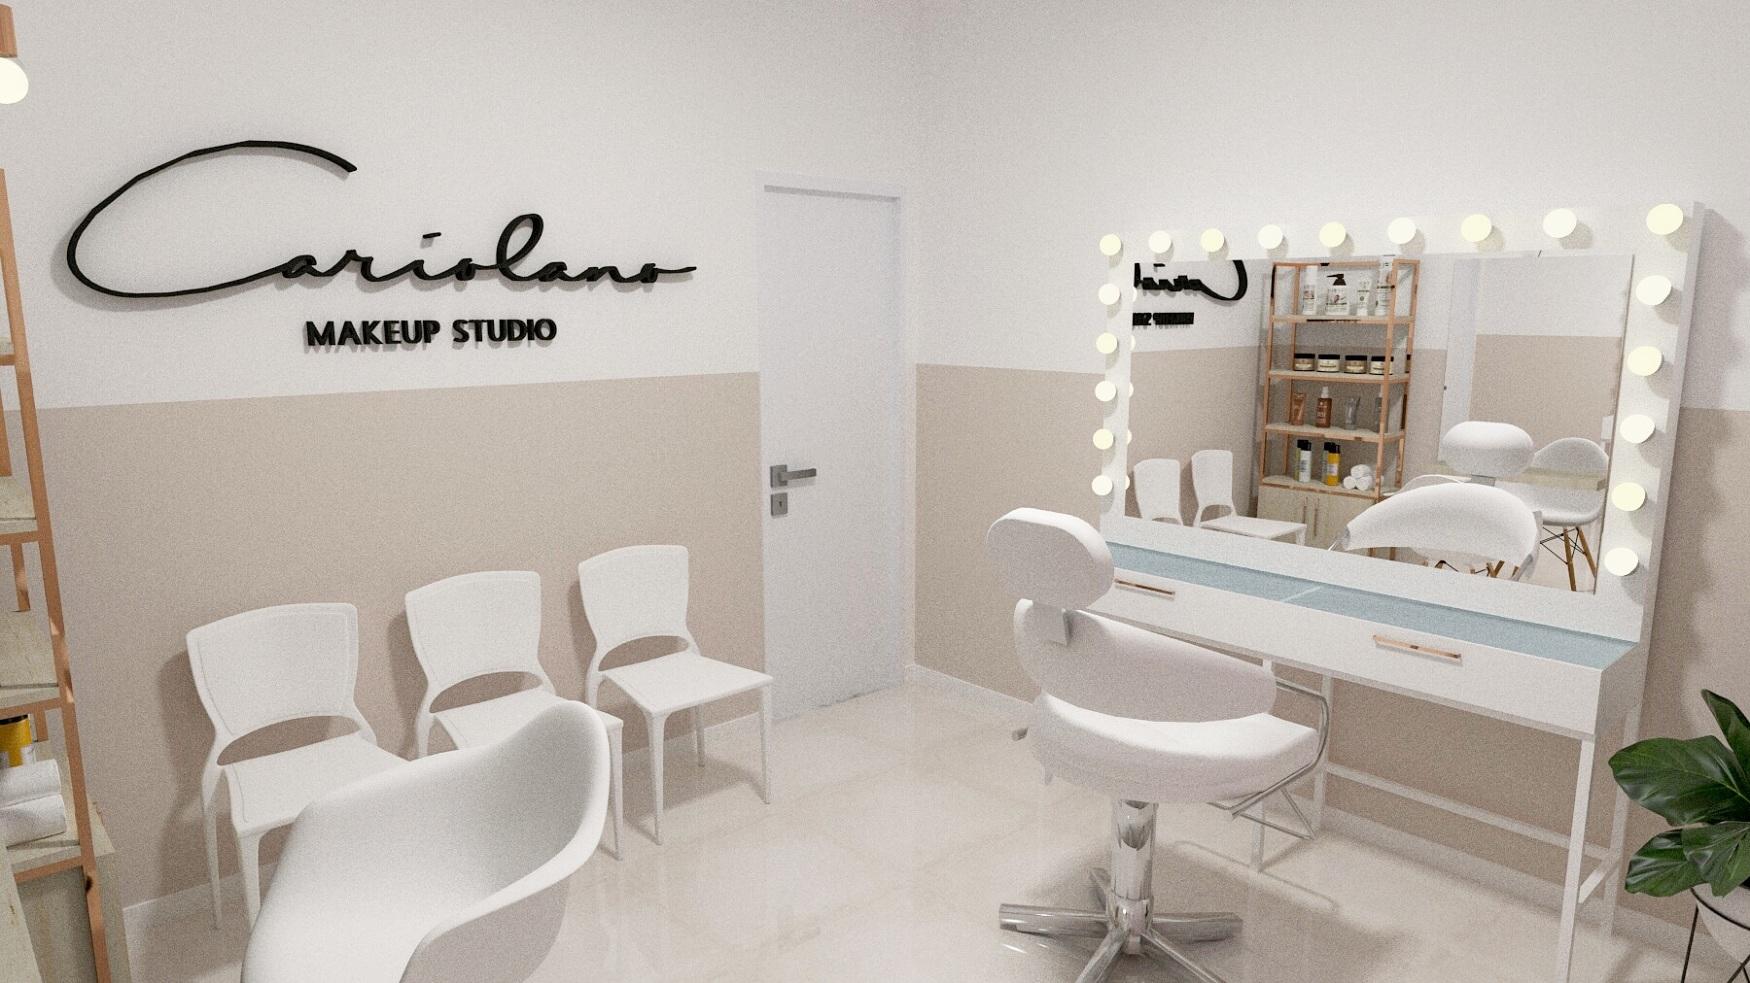 Cariolano Makeup Studio Mariany Carvalho